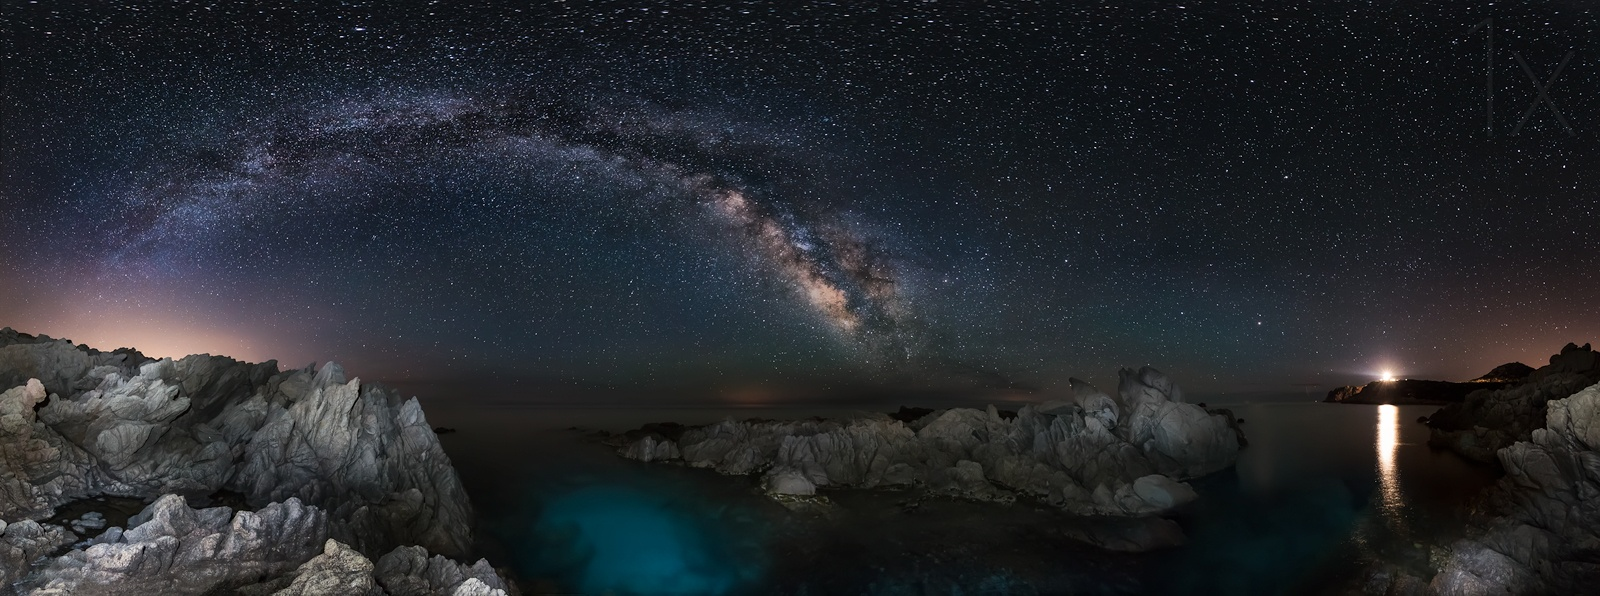 视野宽广夜空璀璨 全景星空照片欣赏